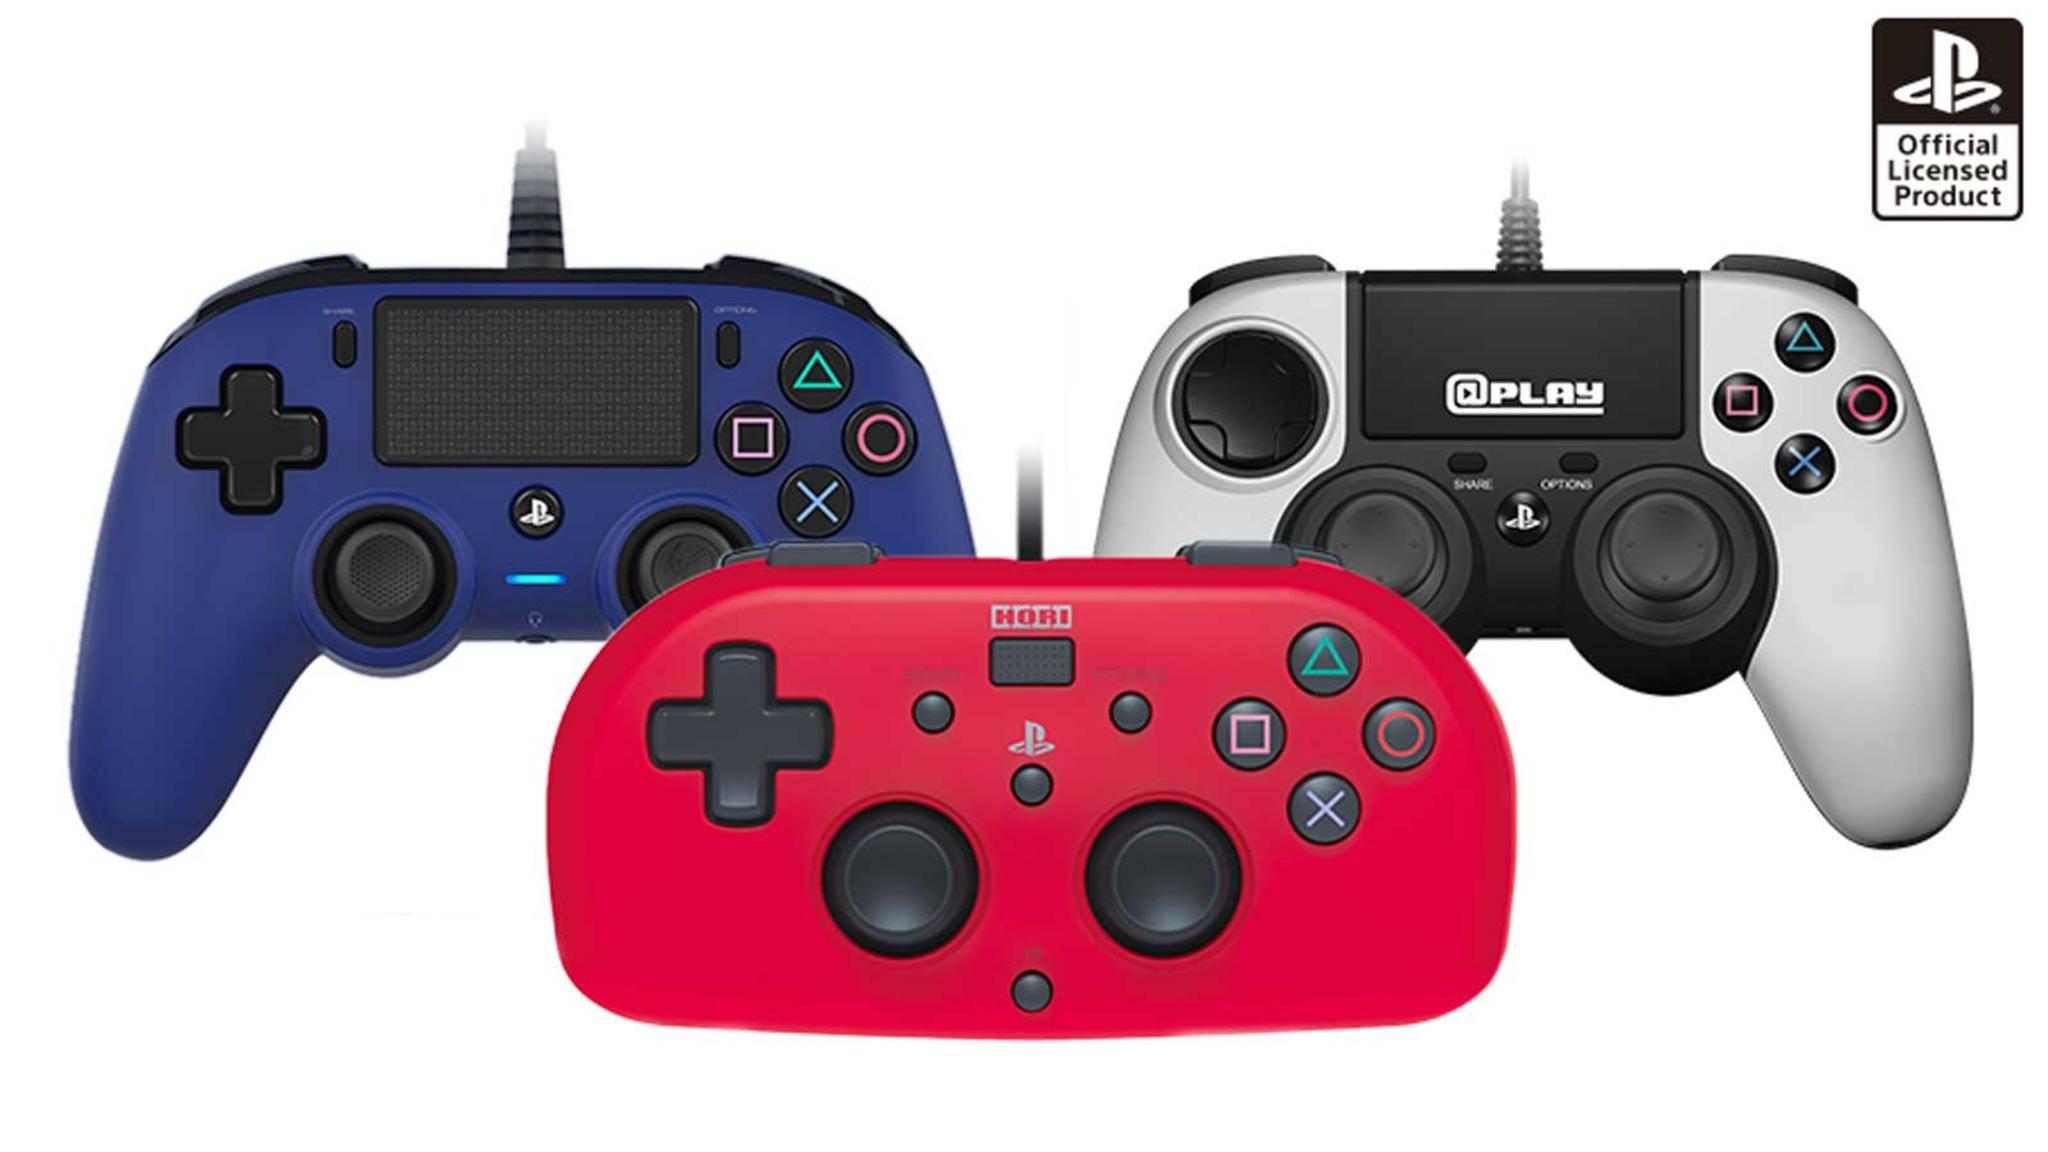 Die neuen kompakten Controller für die PS4.